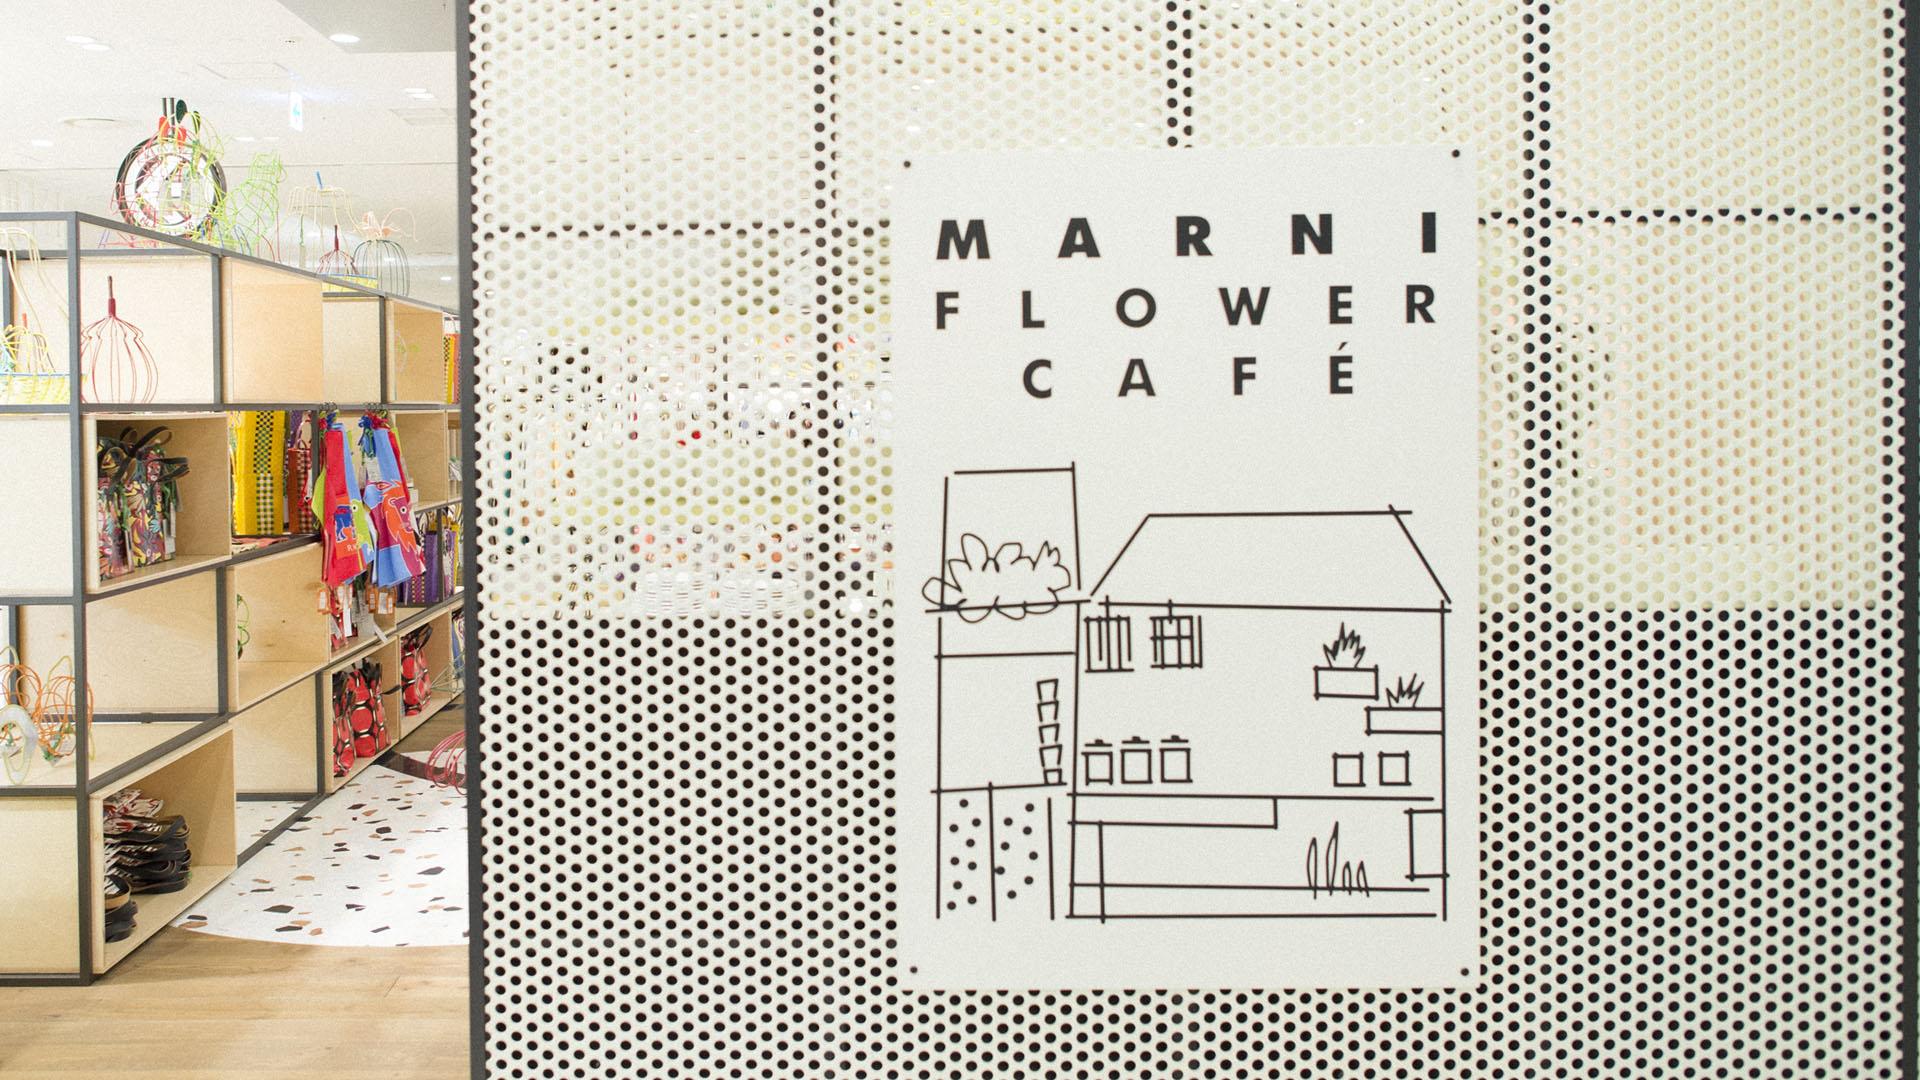 Gros plan sur l'entrée du Marni Flower Cafè